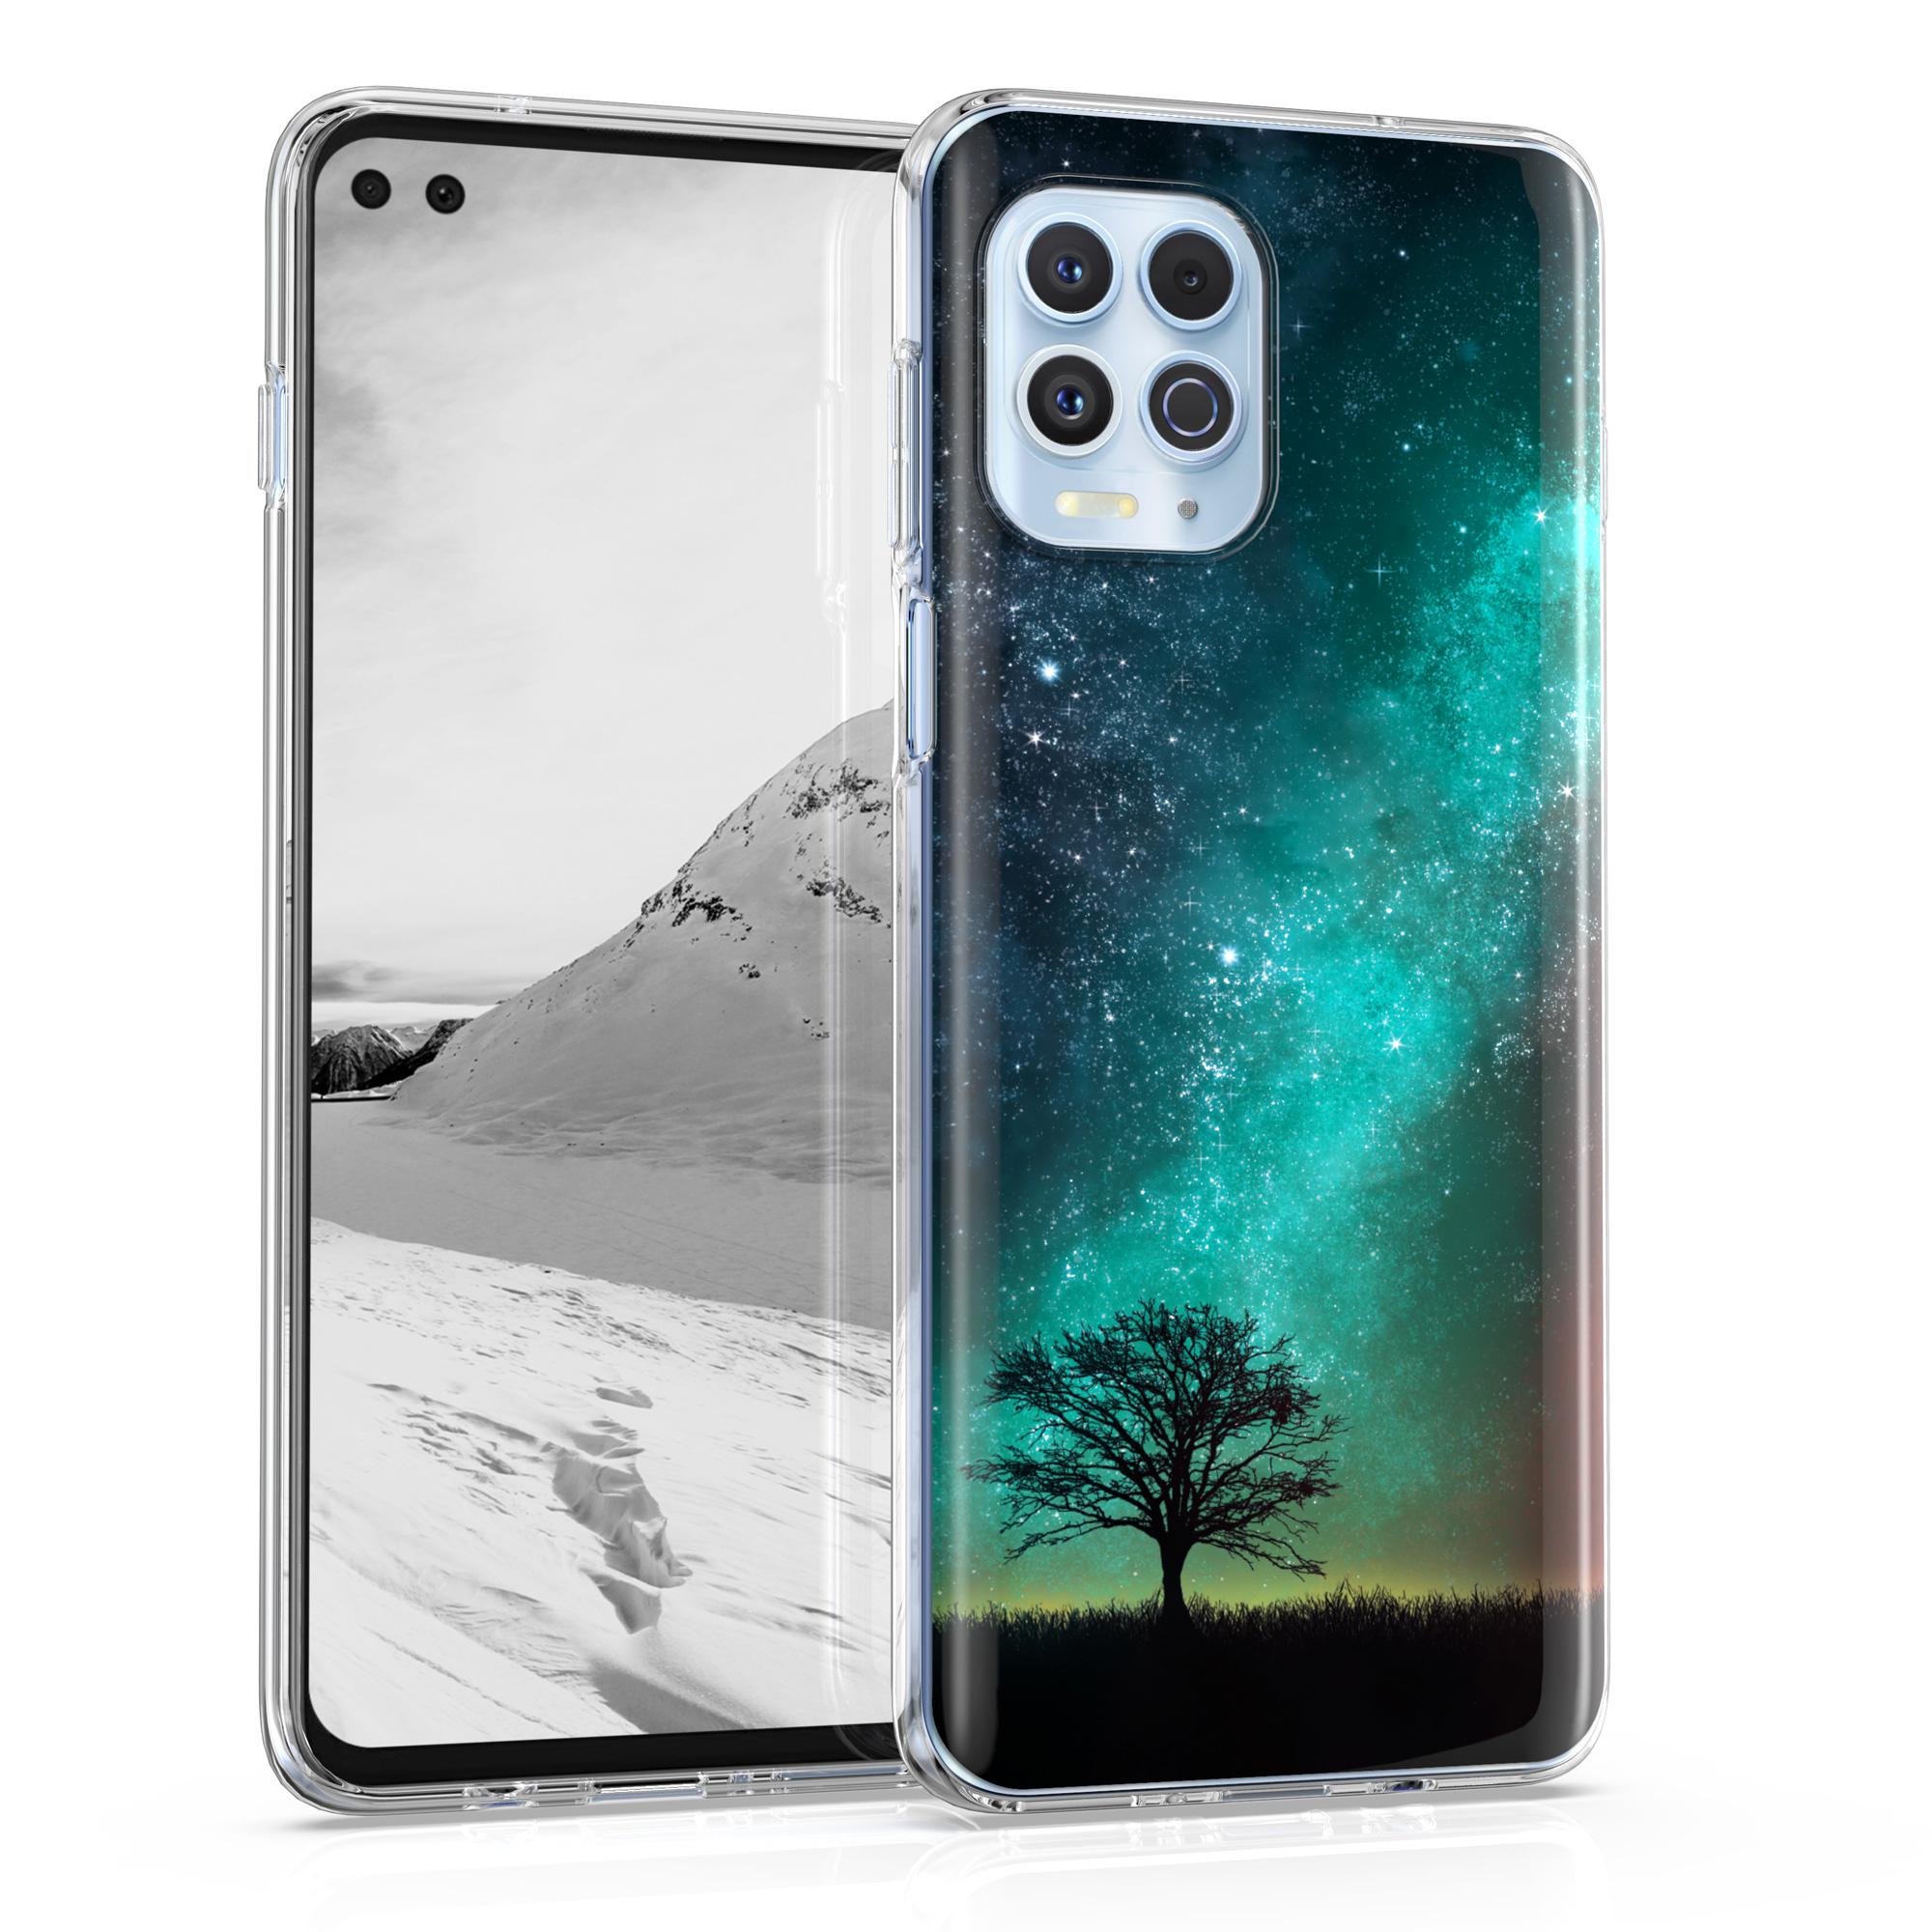 Kvalitní silikonové TPU pouzdro | obal pro Motorola Moto G100 / Edge S -  Cosmic Nature Modrá / Šedá / Černá